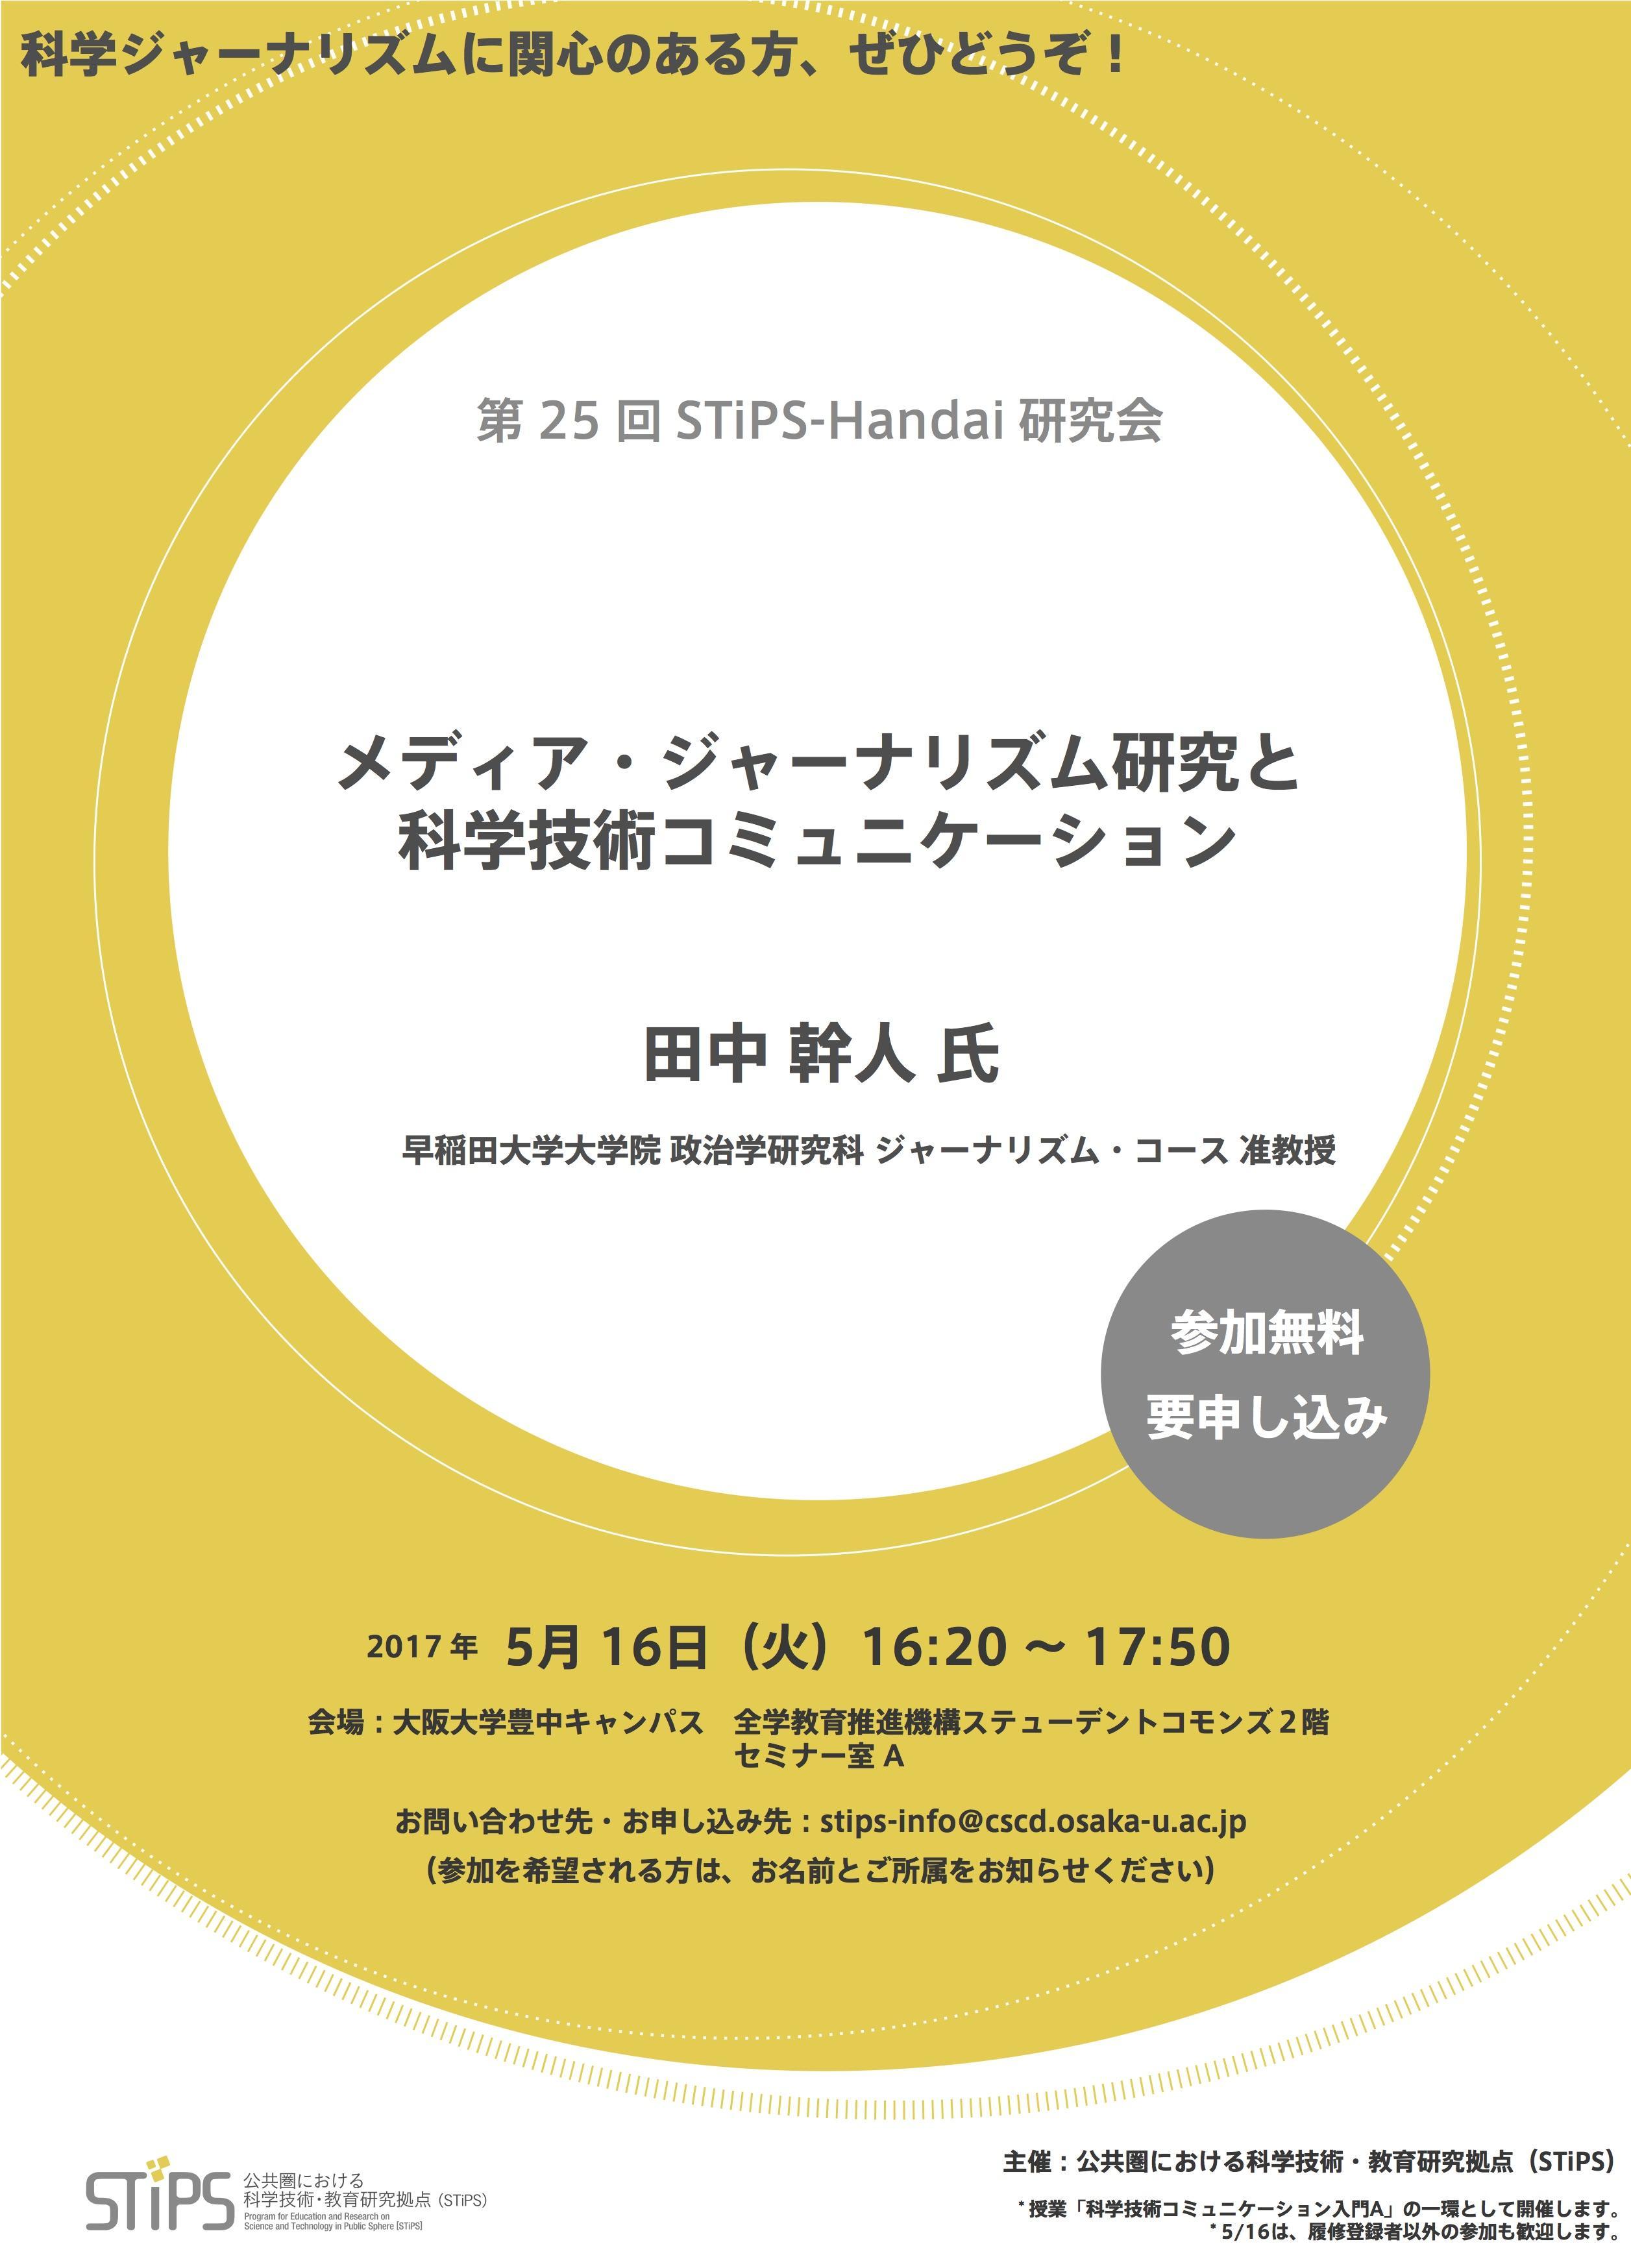 STiPS-Handai_for170516.jpg